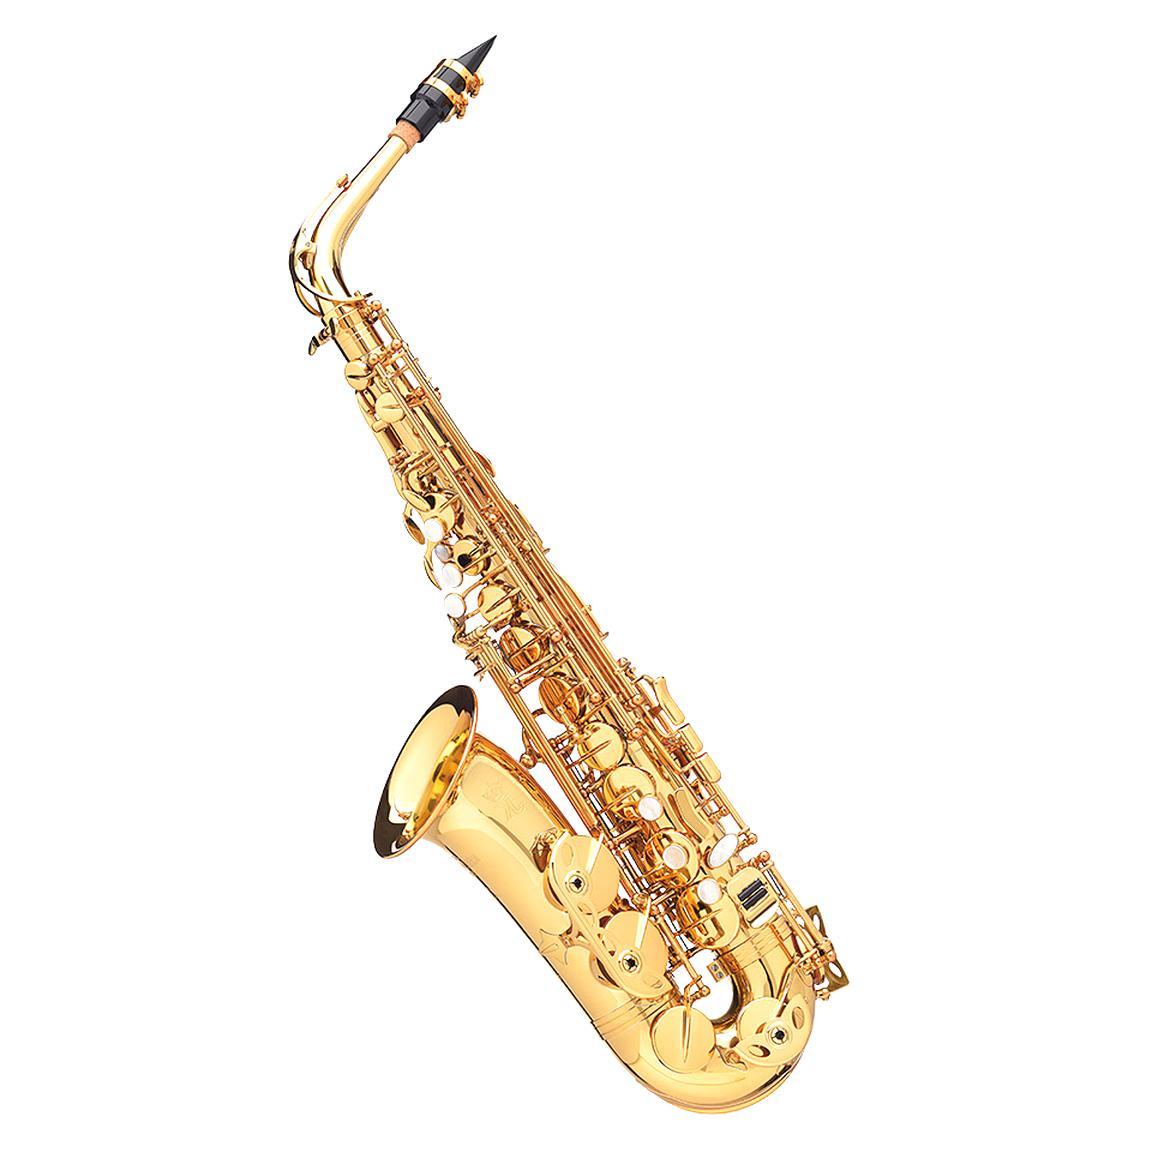 saxophon gebraucht kaufen